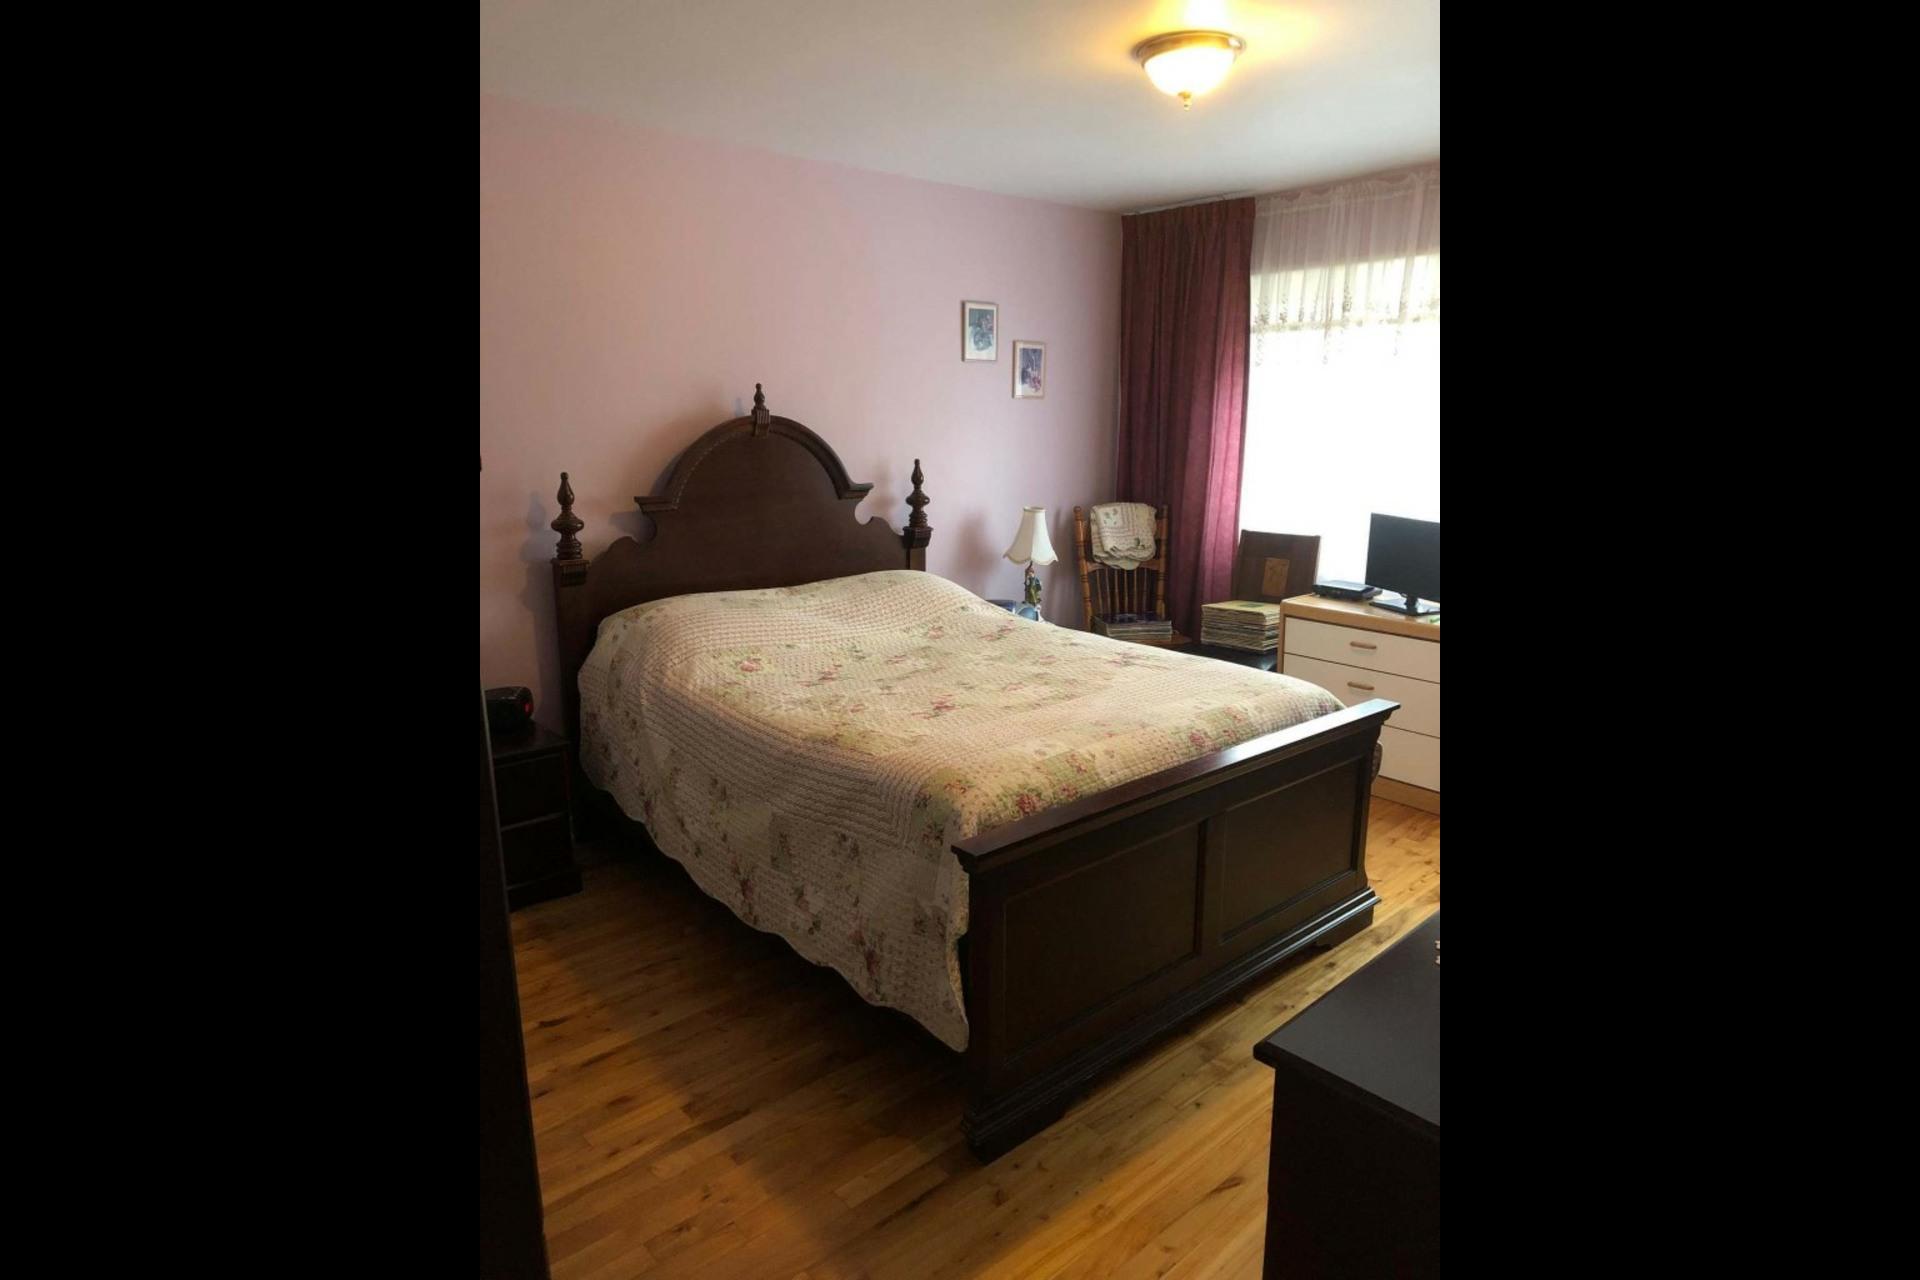 image 5 - Appartement À louer Montréal Saint-Leonard - 5 pièces